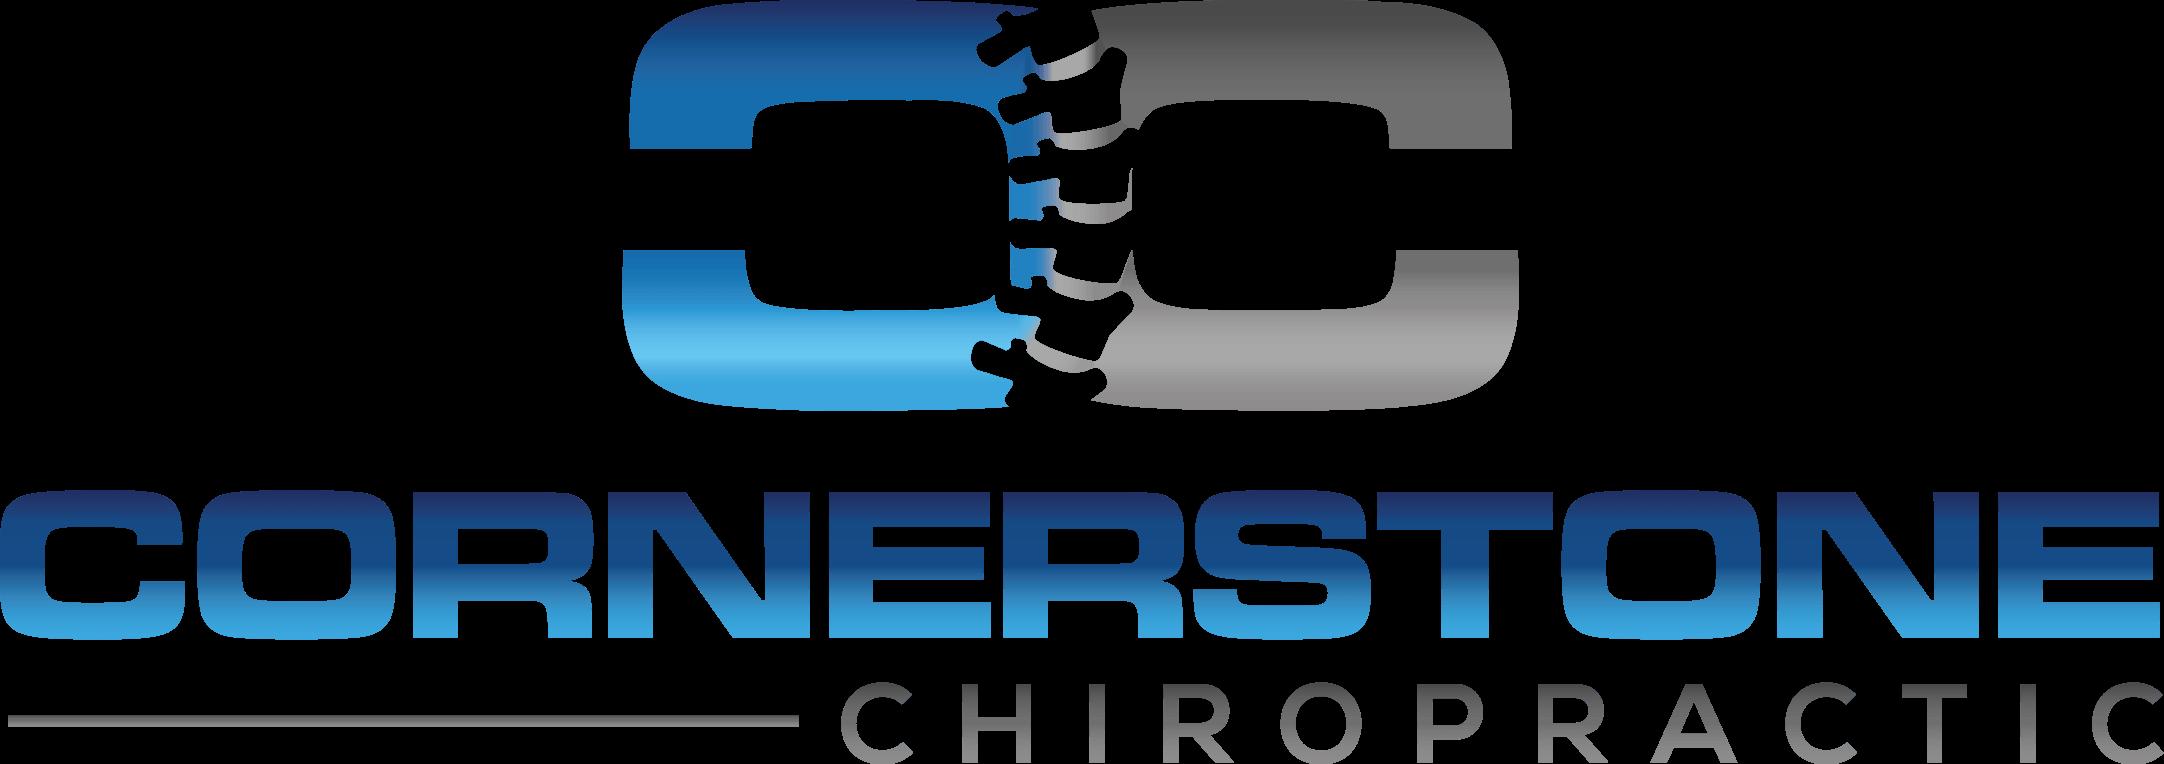 Cornerstone Chiropractic Cary